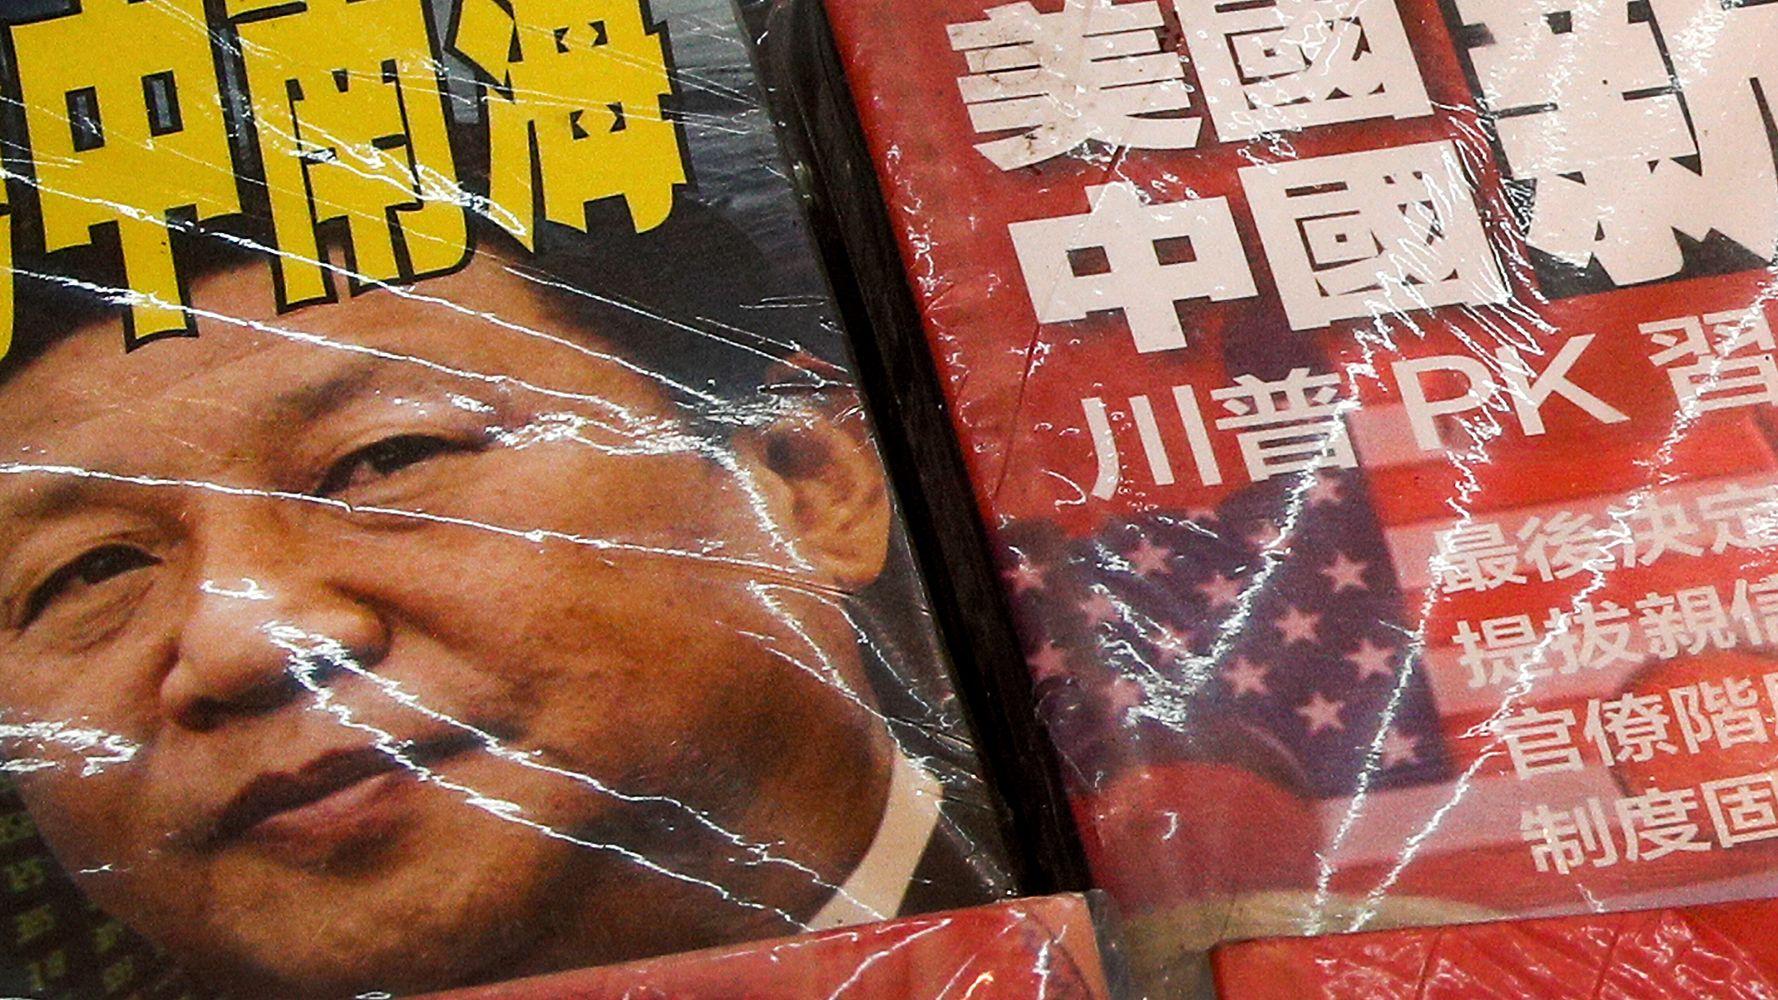 În China, dacă pici testul Partidului Comunist, nu mai ai voie să fii jurnalist